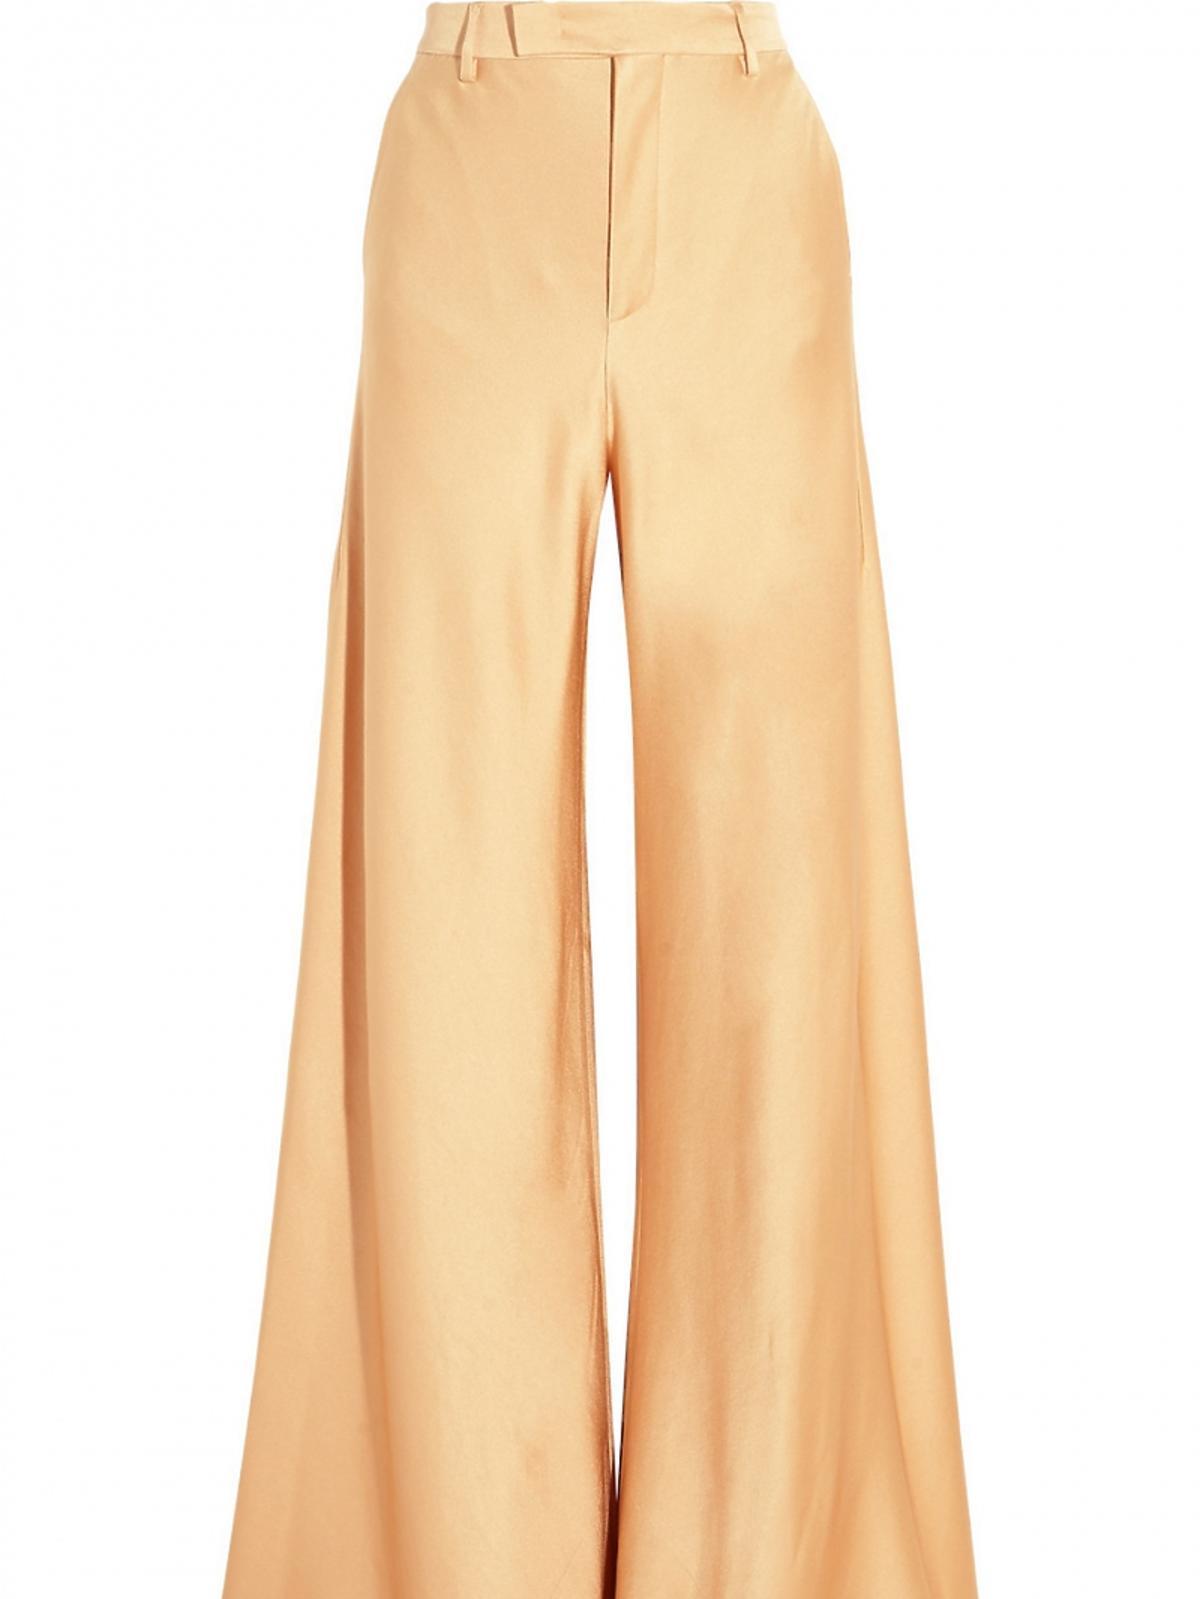 spodnie z szerokimi nogawkami w miodowym kolorze